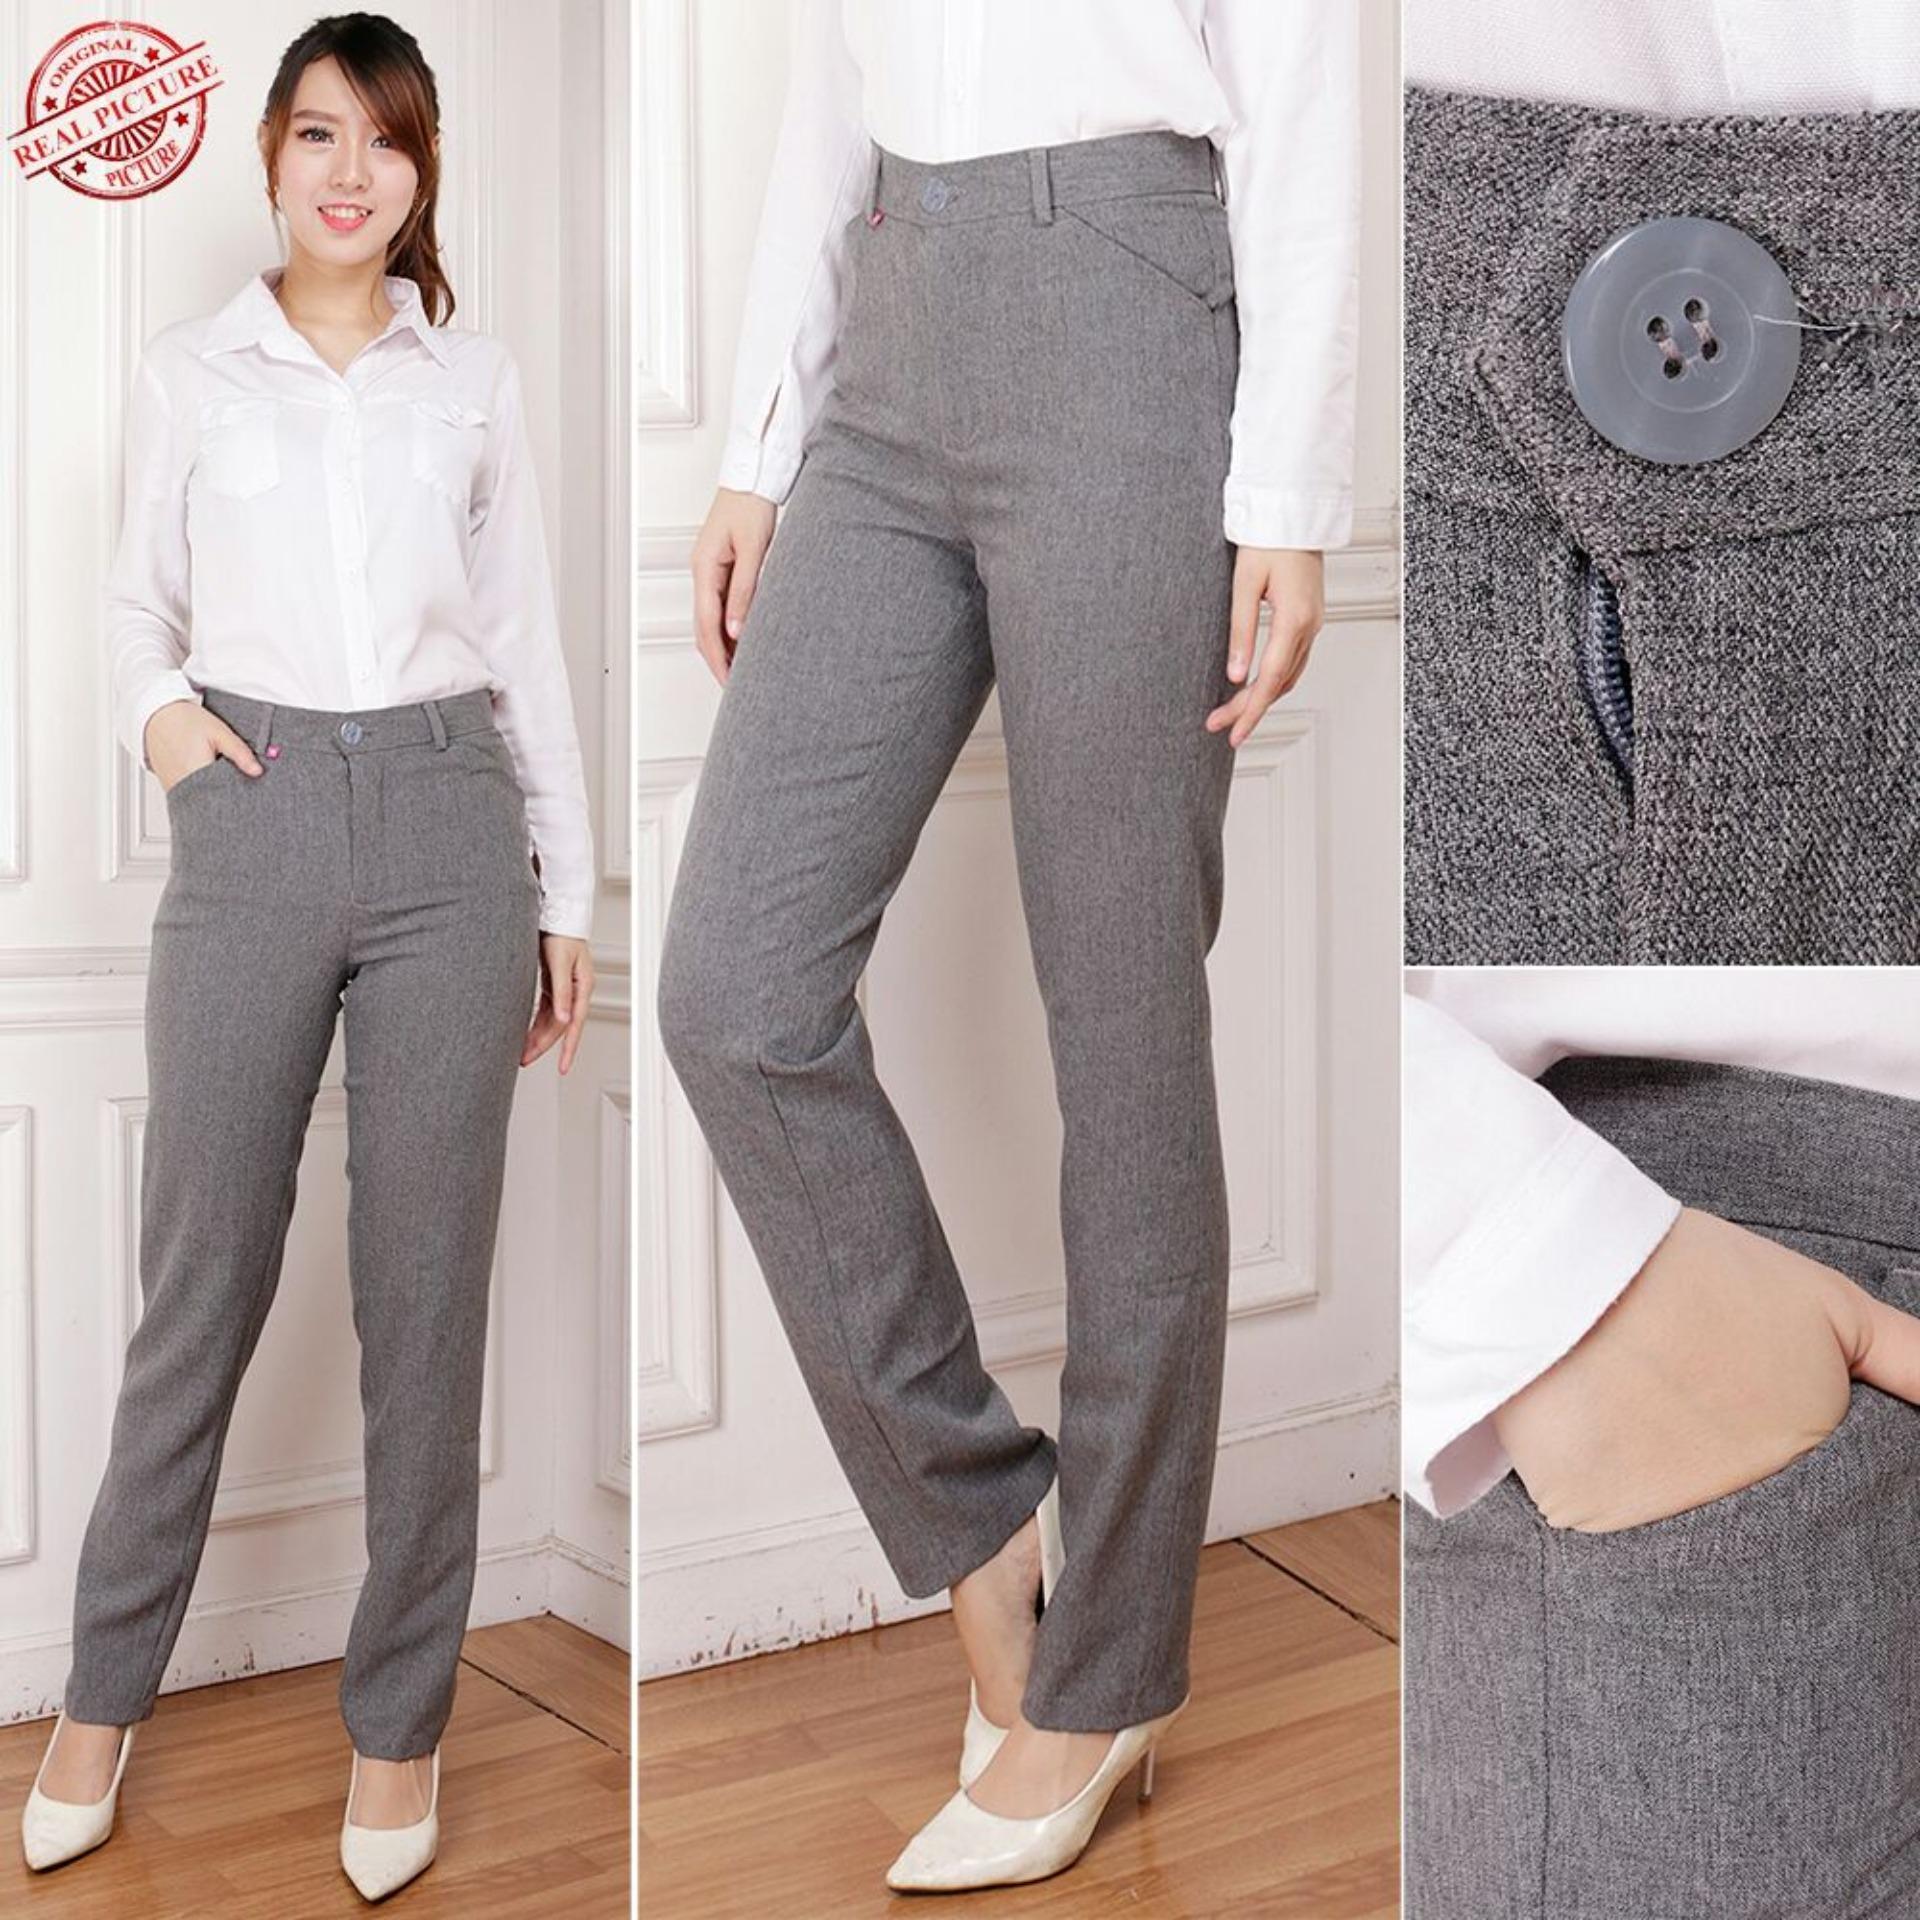 Beli Sb Collection Celana Panjang Thalia Kantor Longpants Wanita Pake Kartu Kredit